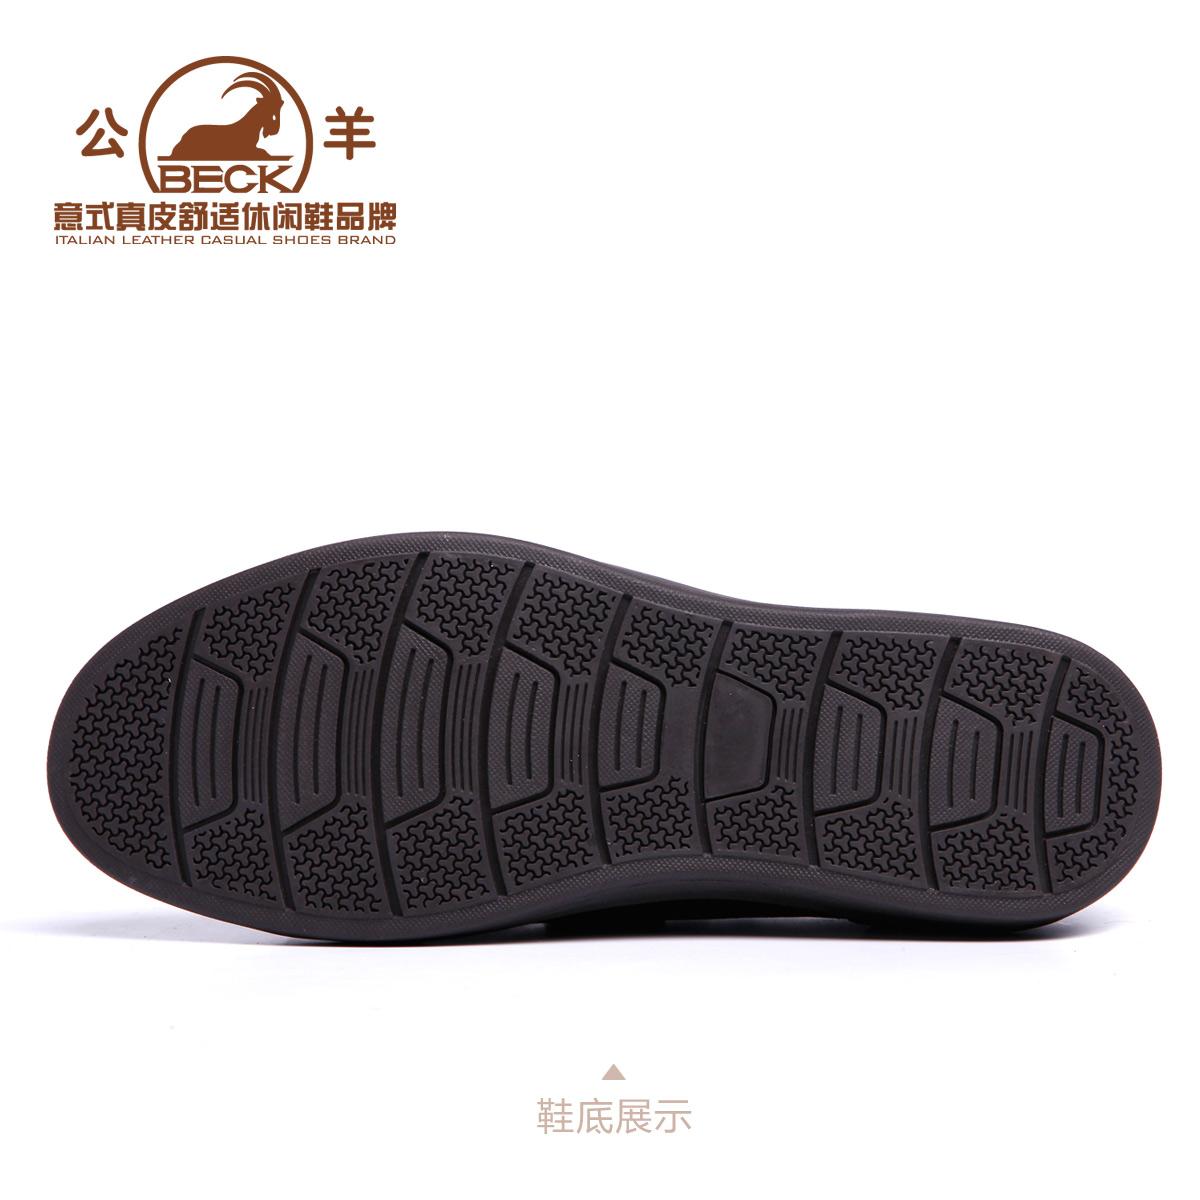 Демисезонные ботинки Ram 99003 BECK Обувь на тонкой подошве ( для скейтборда ) Для отдыха Верхний слой из натуральной кожи Круглый носок Шнурок Зима